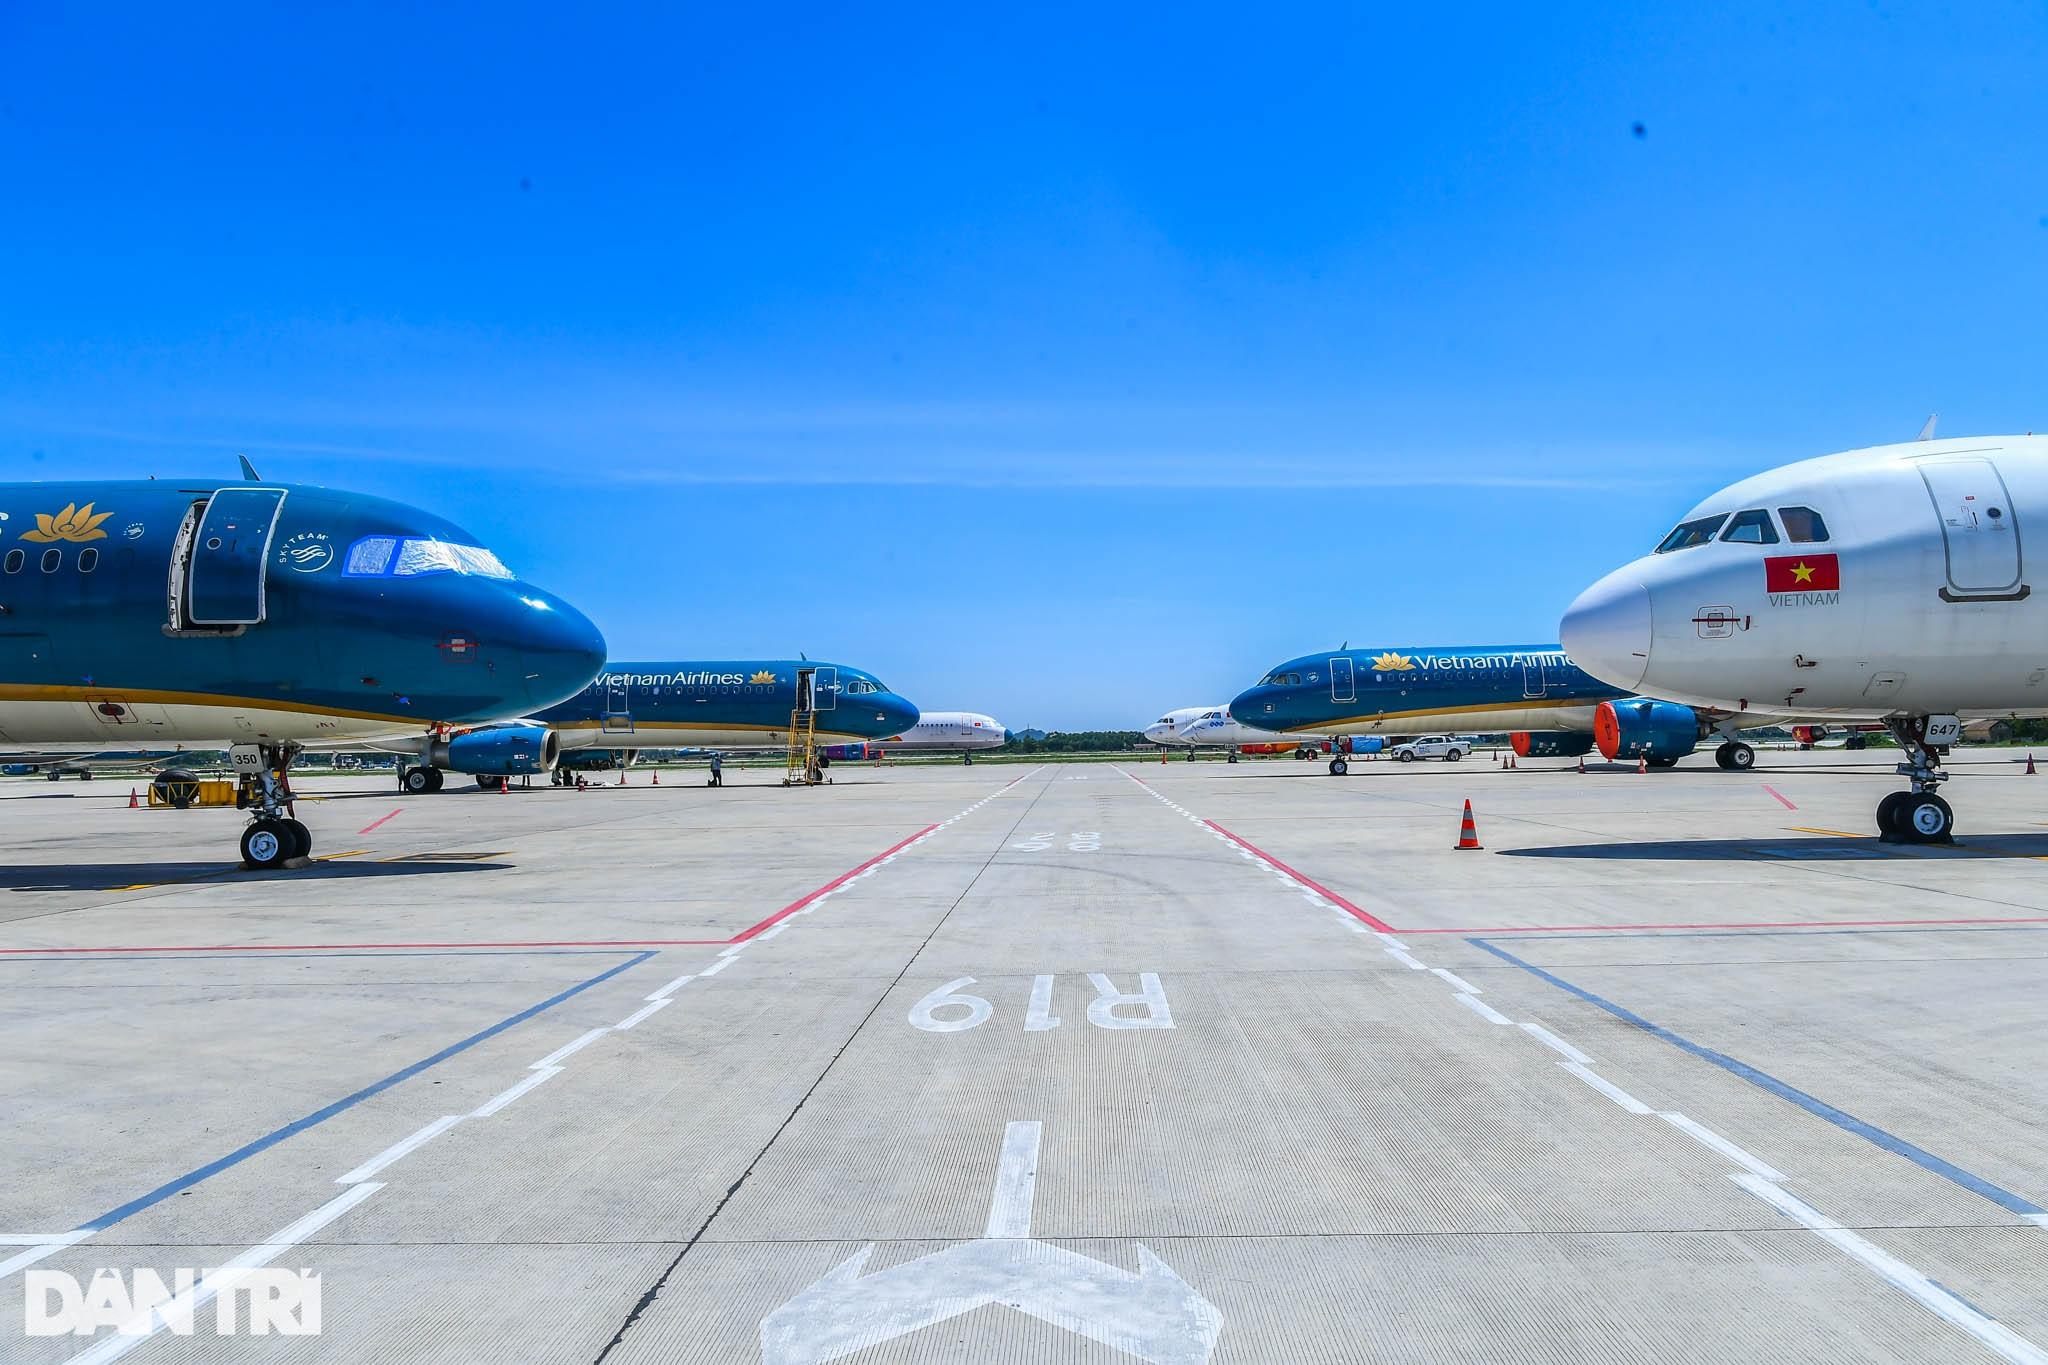 Ám ảnh hàng trăm tàu bay đắp chiếu nằm la liệt tại Nội Bài, Tân Sơn Nhất - 5